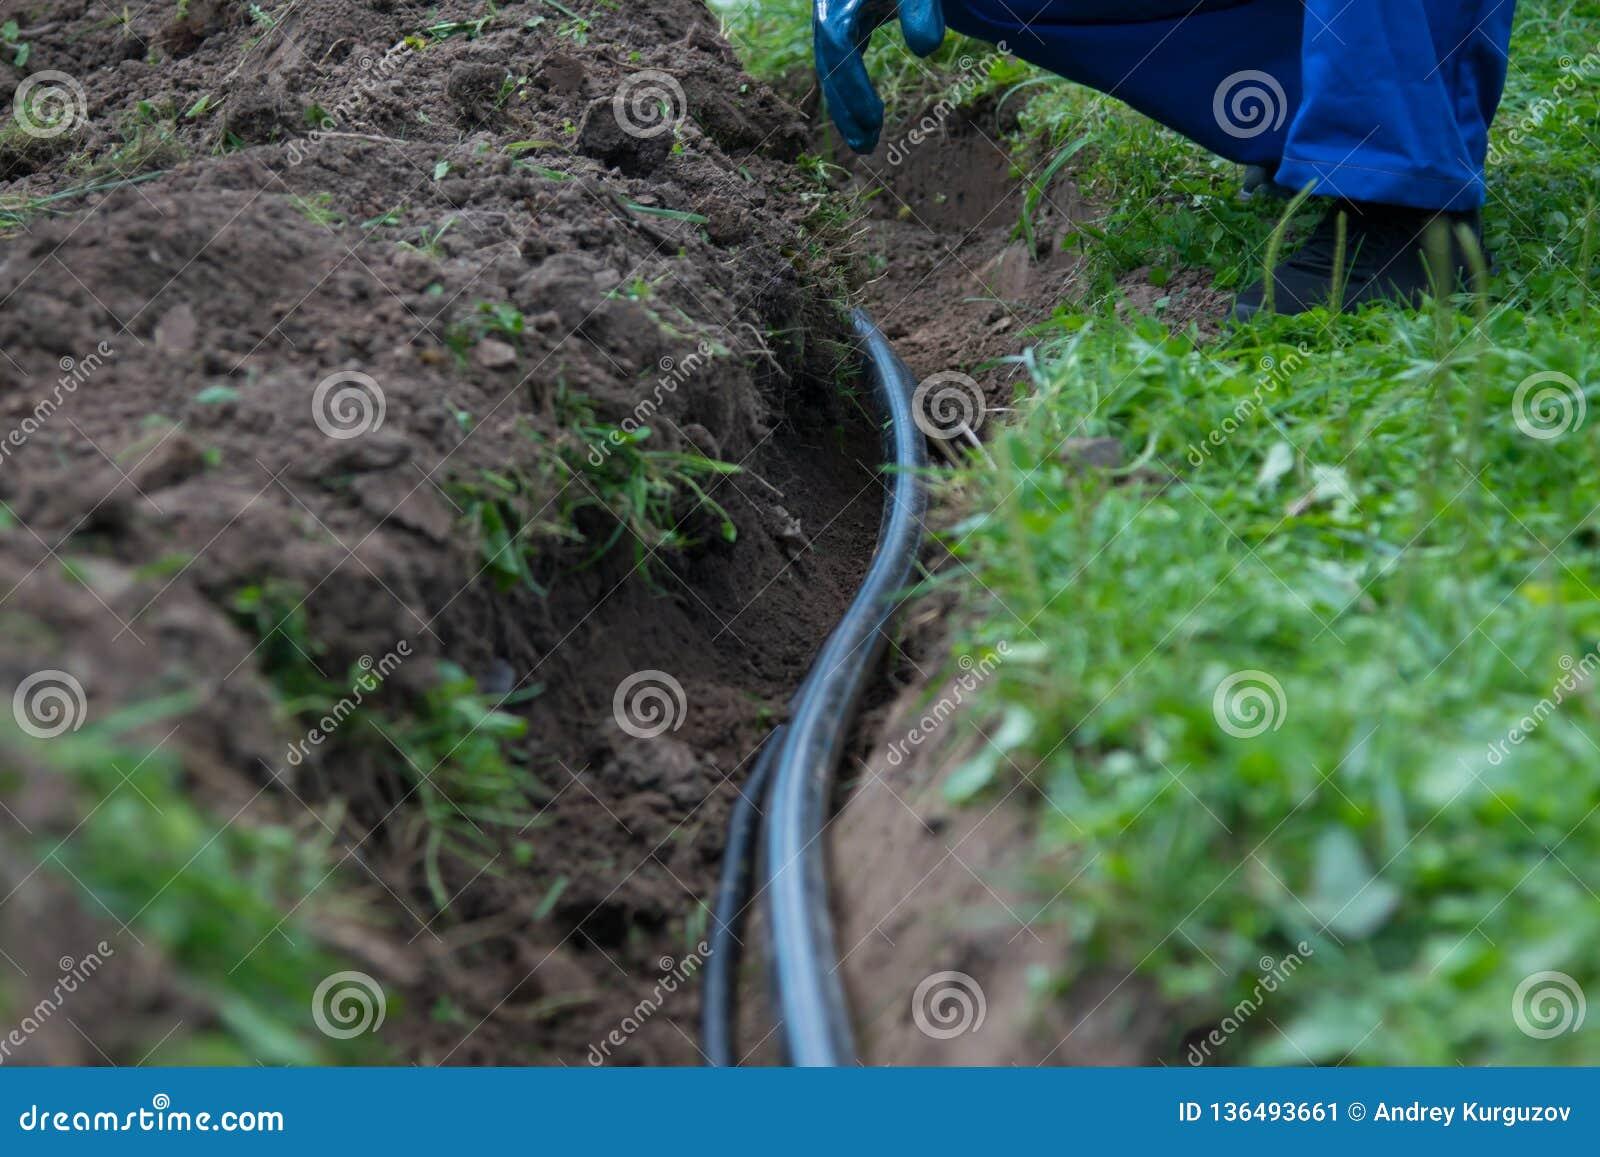 Opgegraven aardegeul voor aanleggen van pijpleidingen van mededeling en elektro bedrading onder de grond om water aan woon te ver